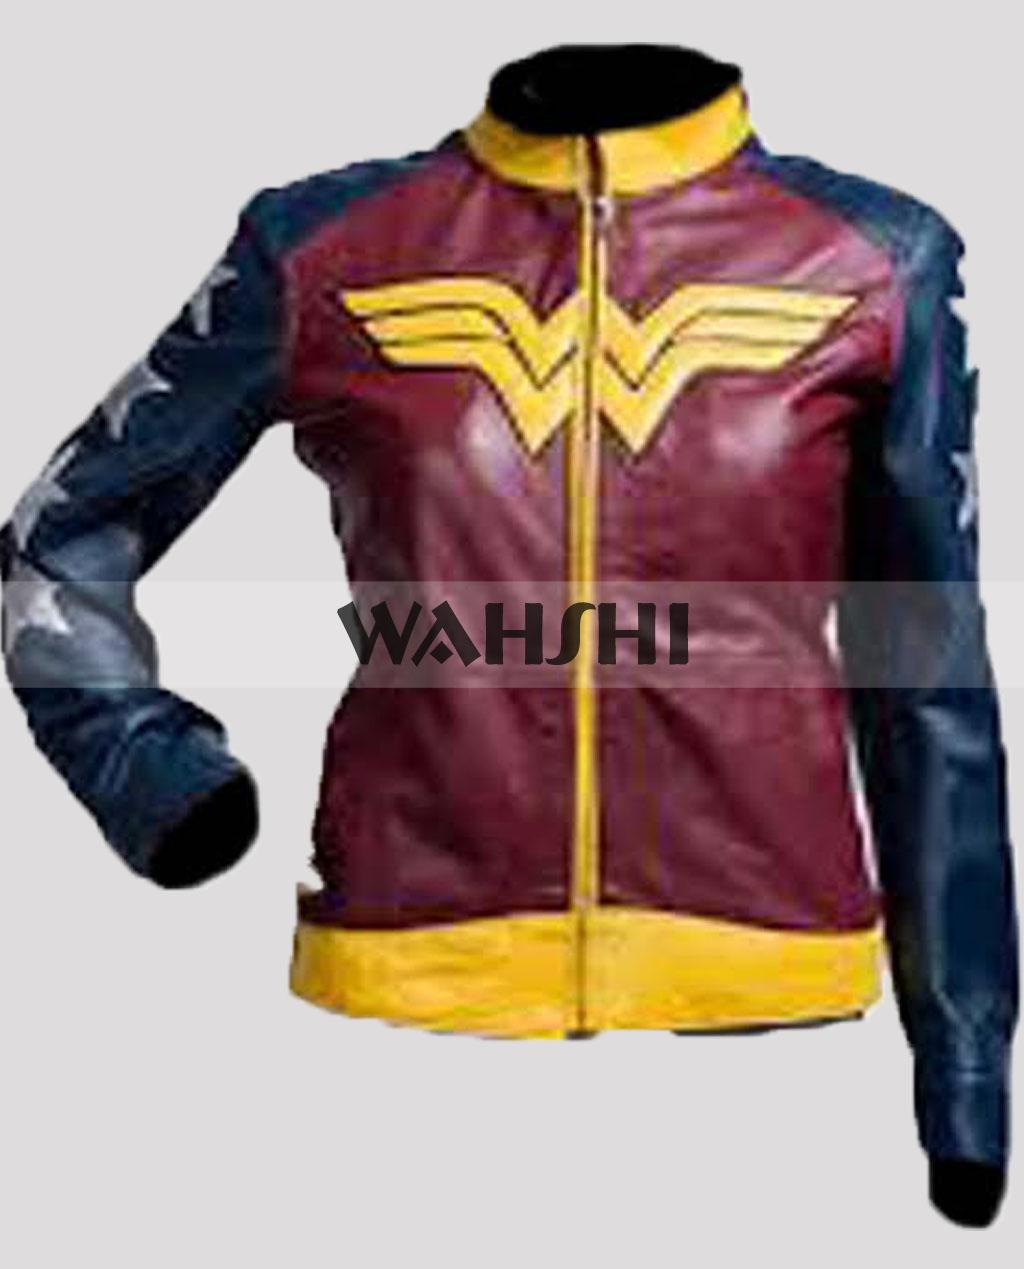 wonder-women-adrianne-palicki-jacket